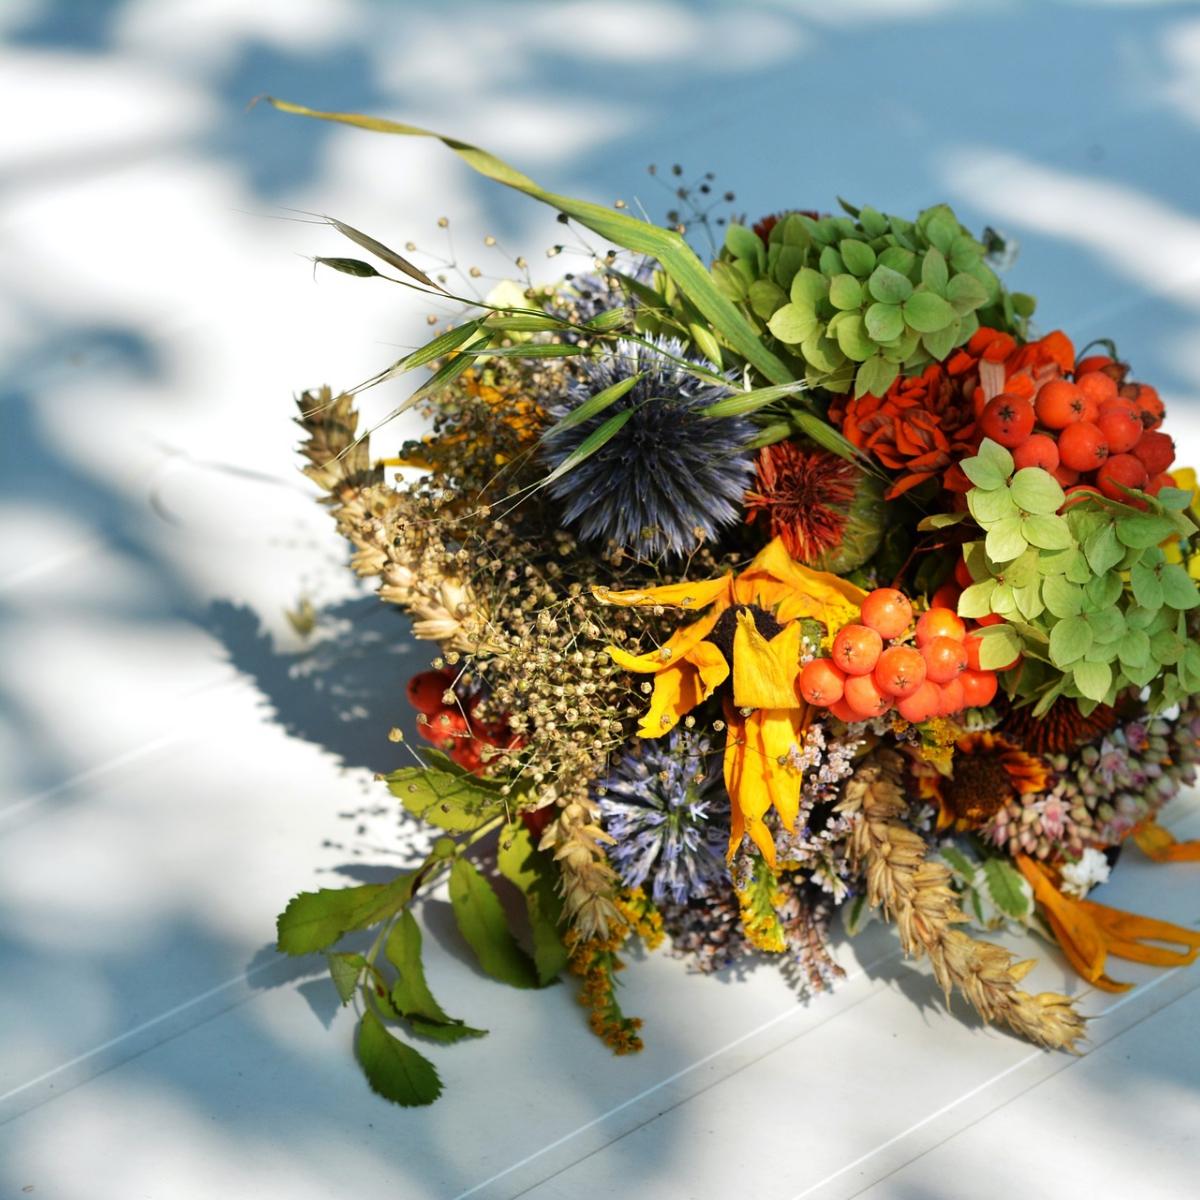 bouquet-890338_1920.jpg